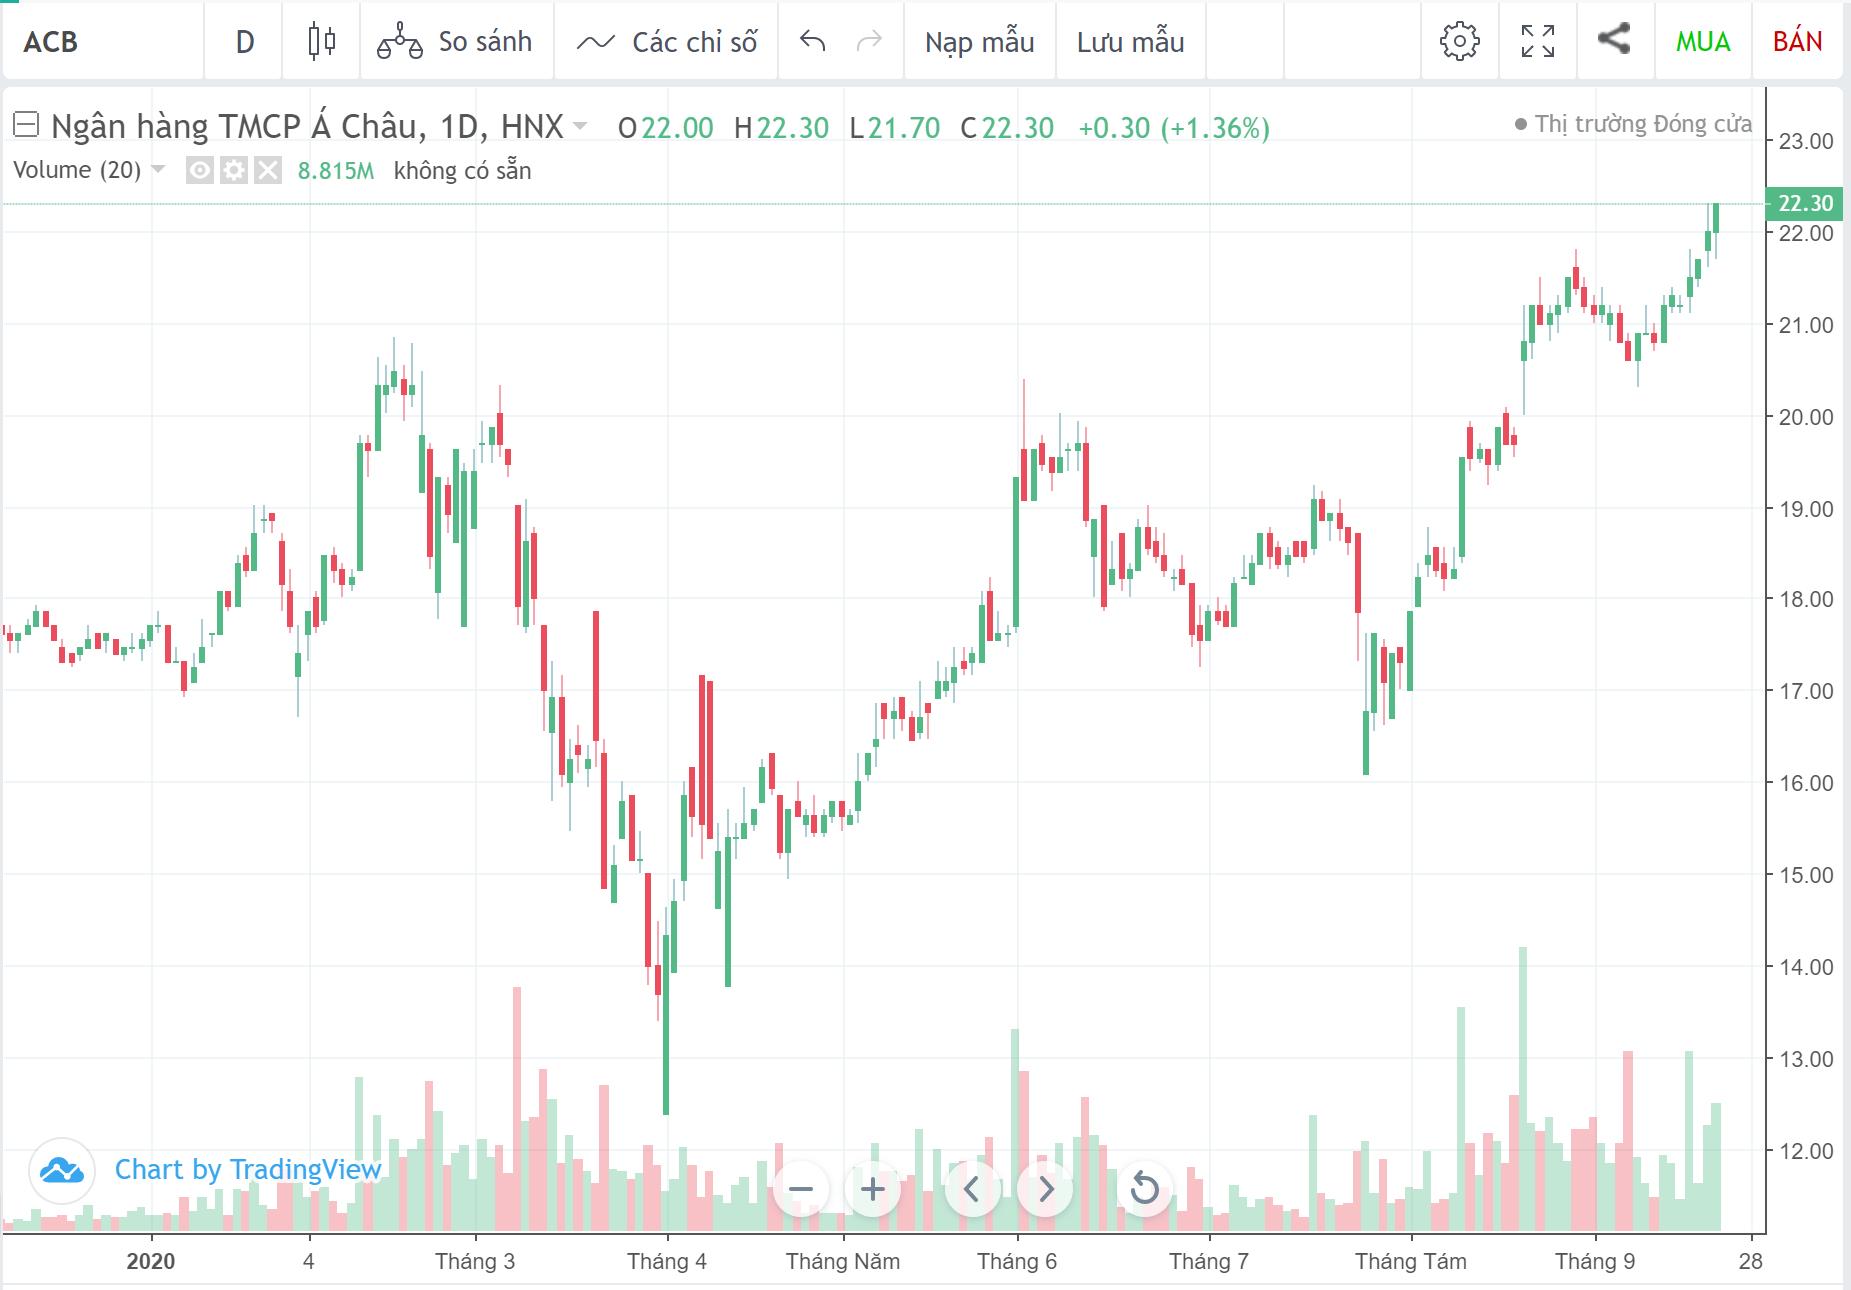 Cổ phiếu tâm điểm ngày 23/9: PVD, ACB, DHC - Ảnh 2.